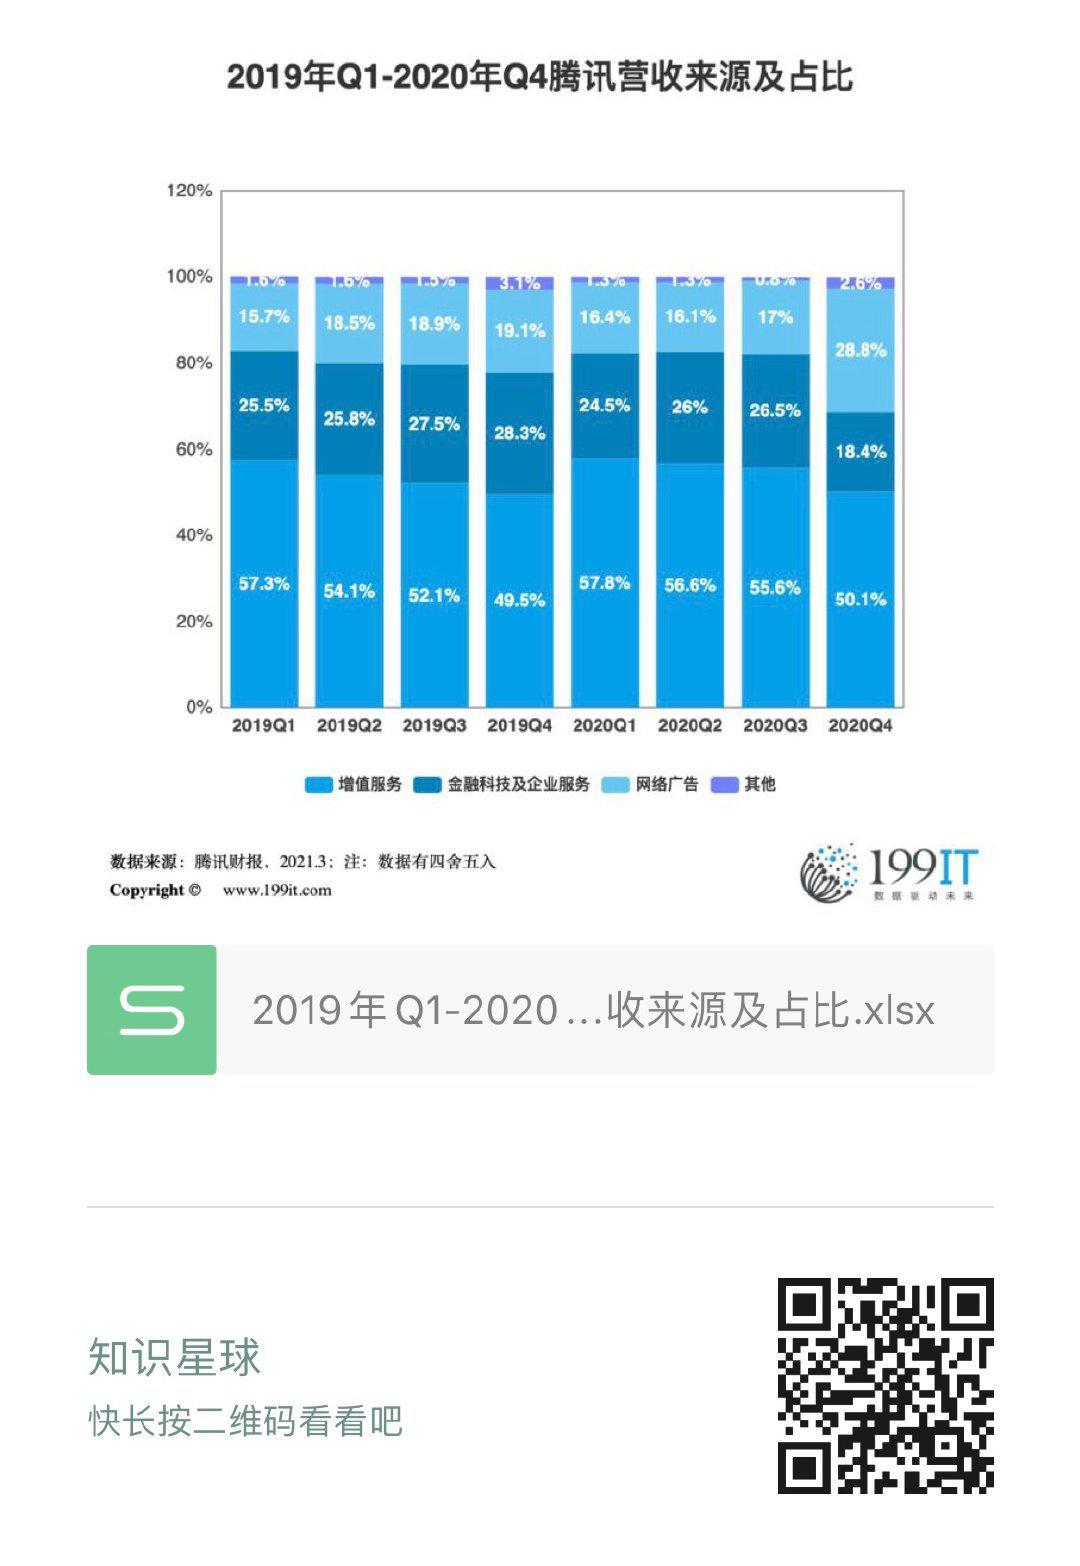 2019年Q1-2020年Q4騰訊營收來源及佔比(附原資料表) 